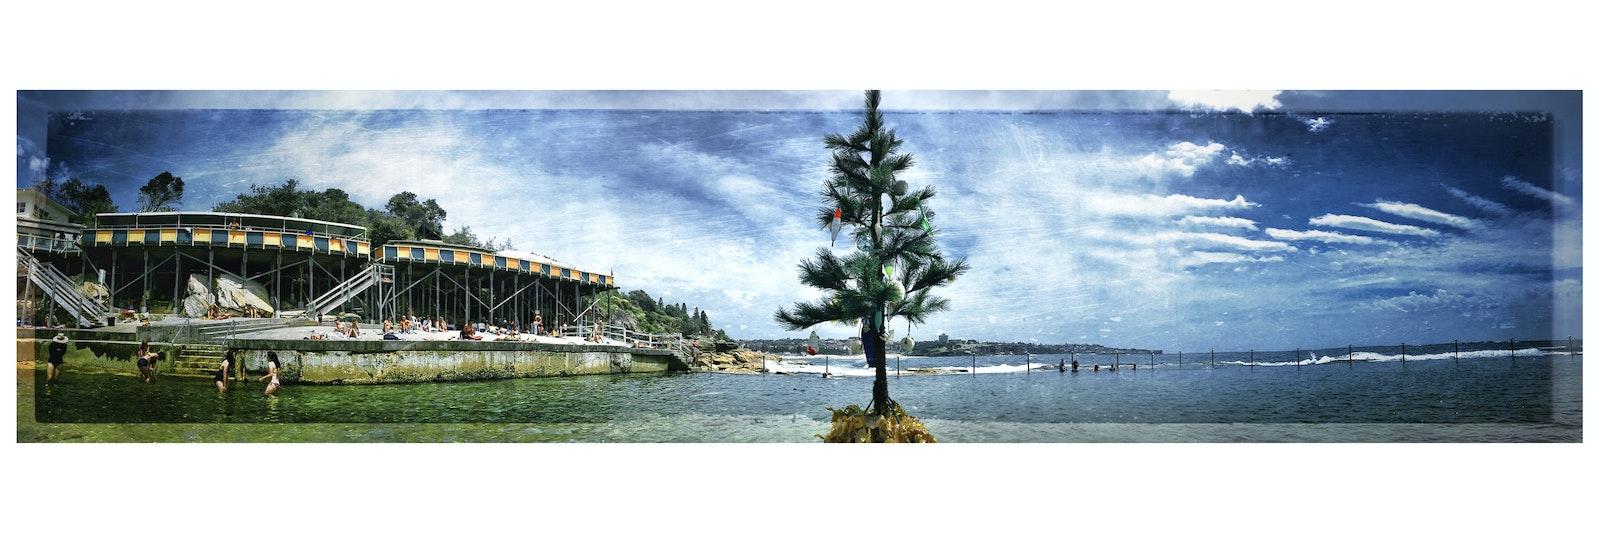 18133-005-Christmas Island